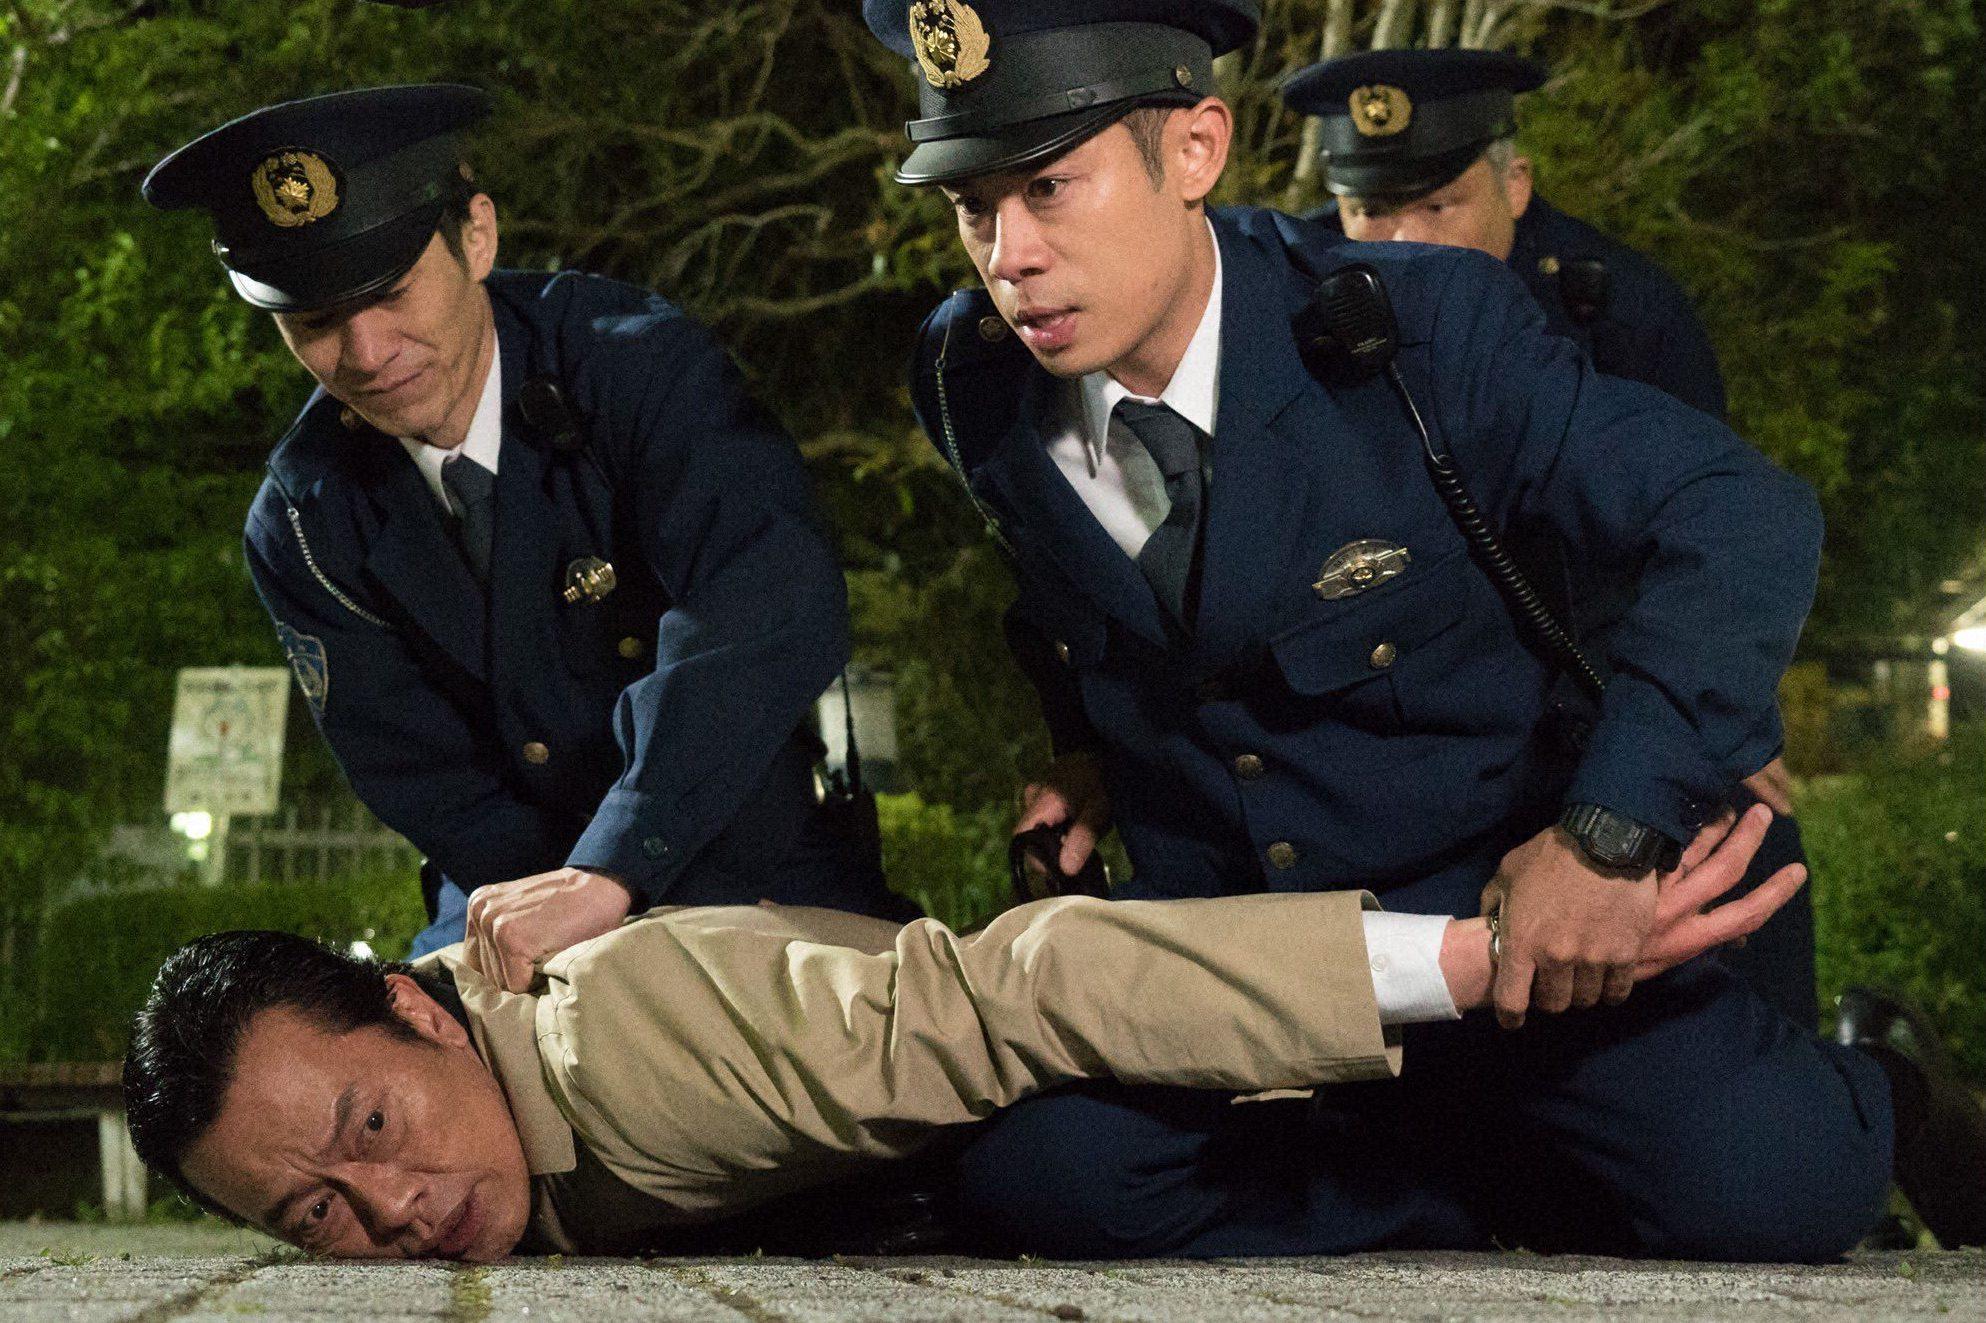 テレ朝POST伊藤淳史が初めて逮捕したのは…。痴漢冤罪を描いた『白日の鴉』、遂に今夜!